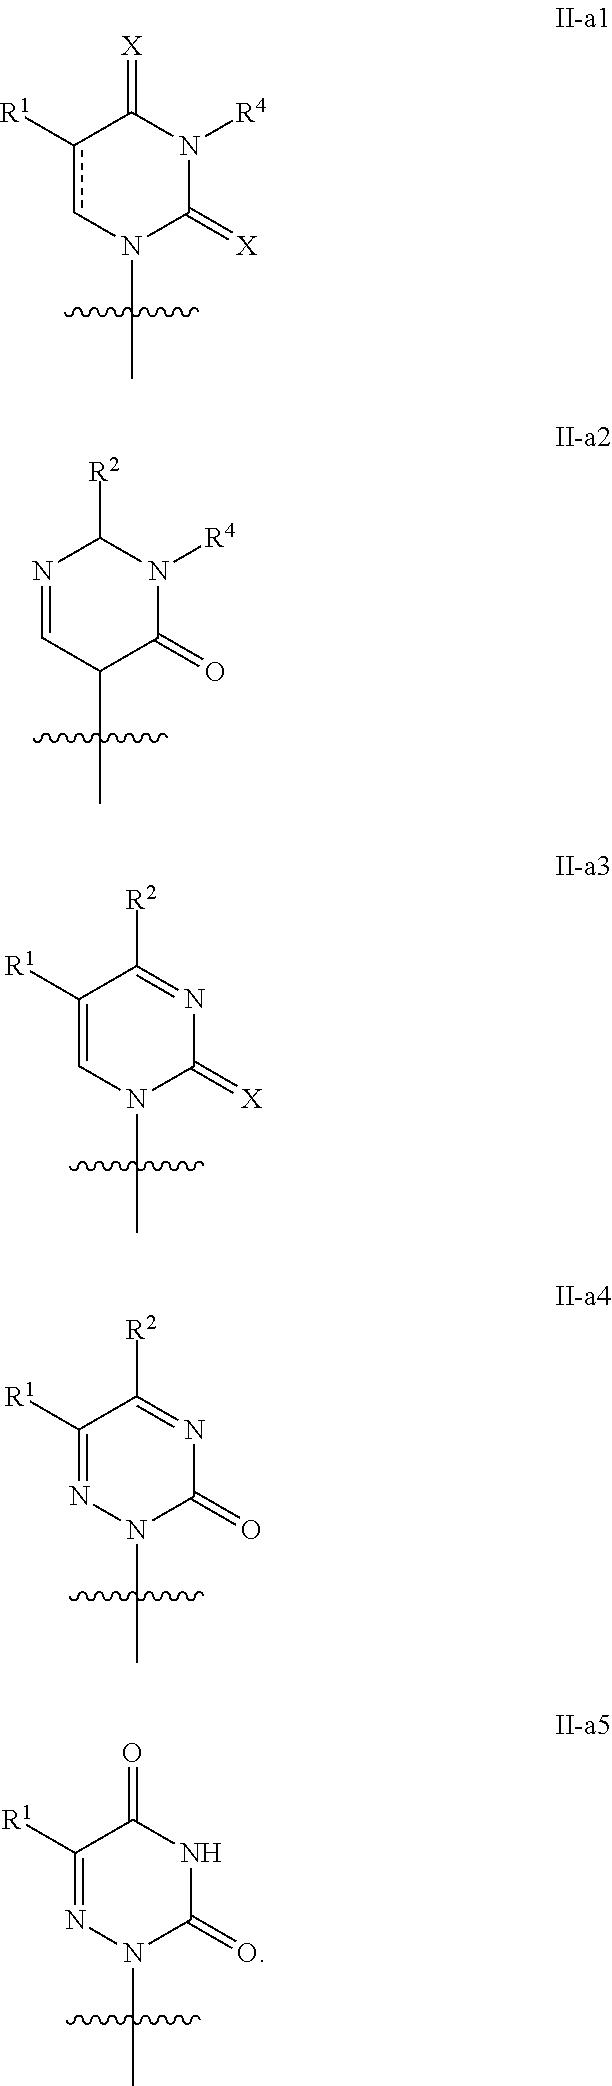 Figure US09657295-20170523-C00040